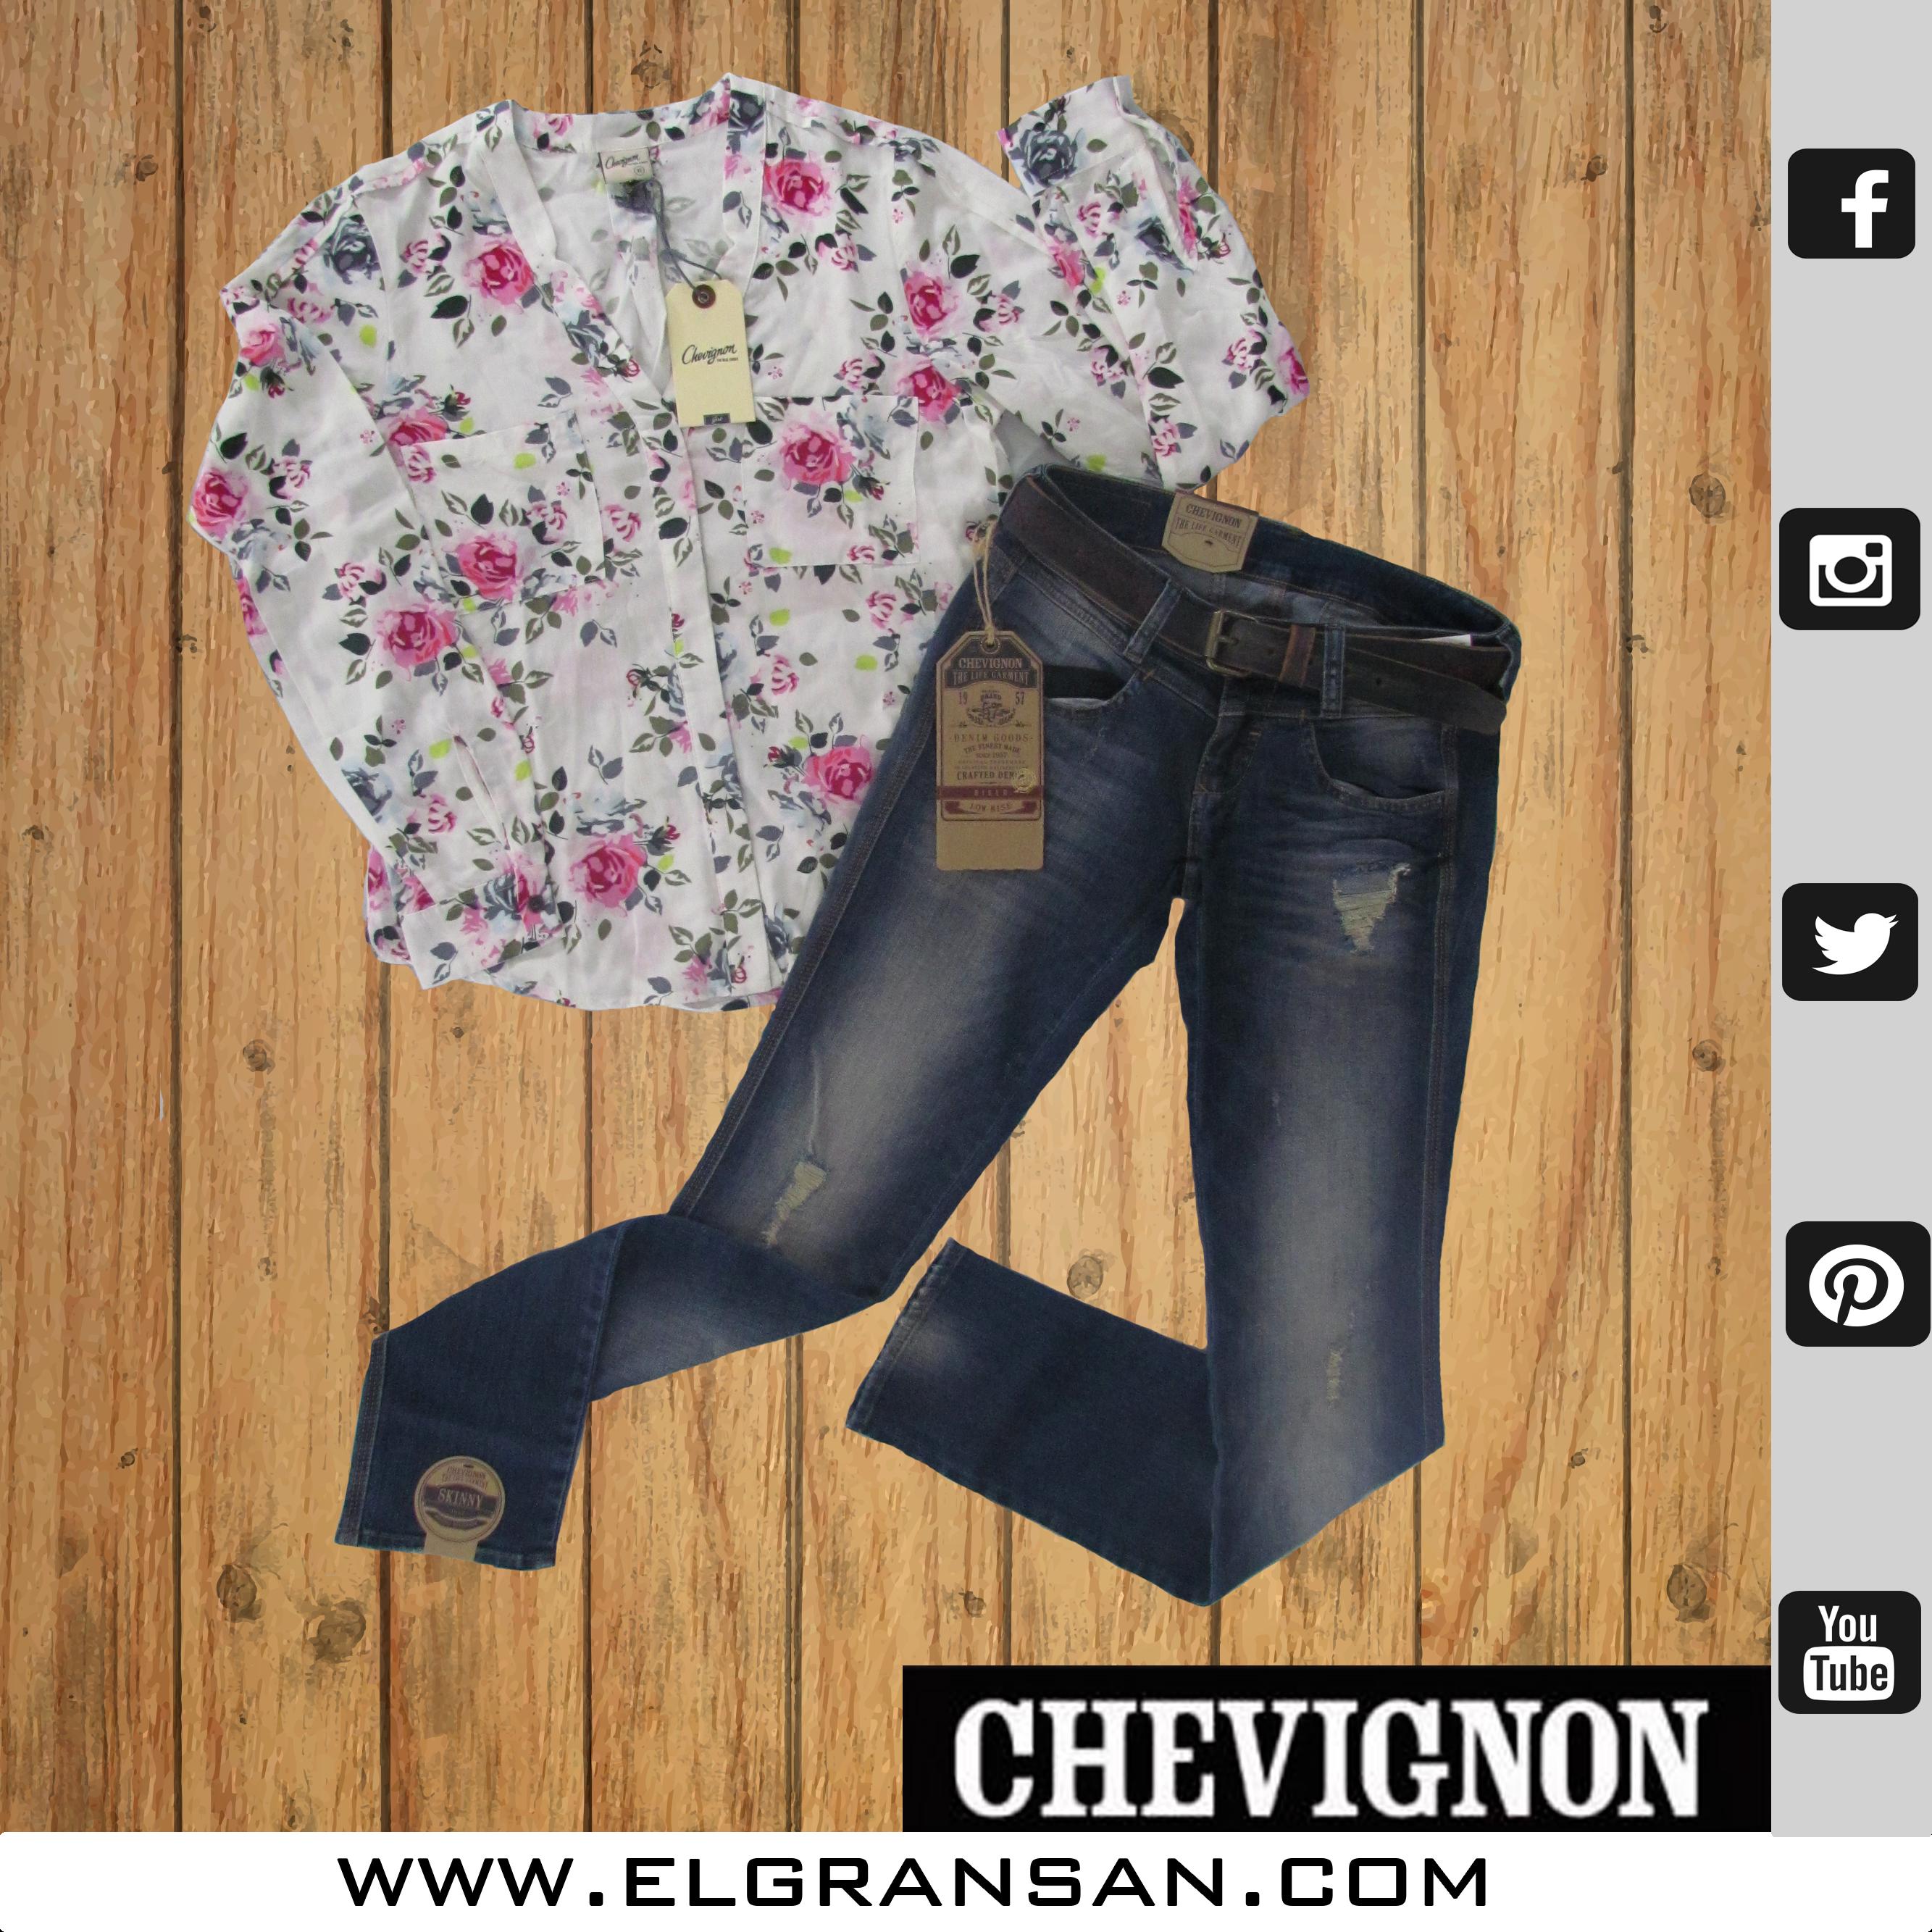 En El Gransan Encuentras Lo Mejor En Moda Asi Como Nuestra Marcadeldia Chevignon Americanino Color Siete Y Rose Pistol Ven Y Pantalones Mujer Ropa Moda